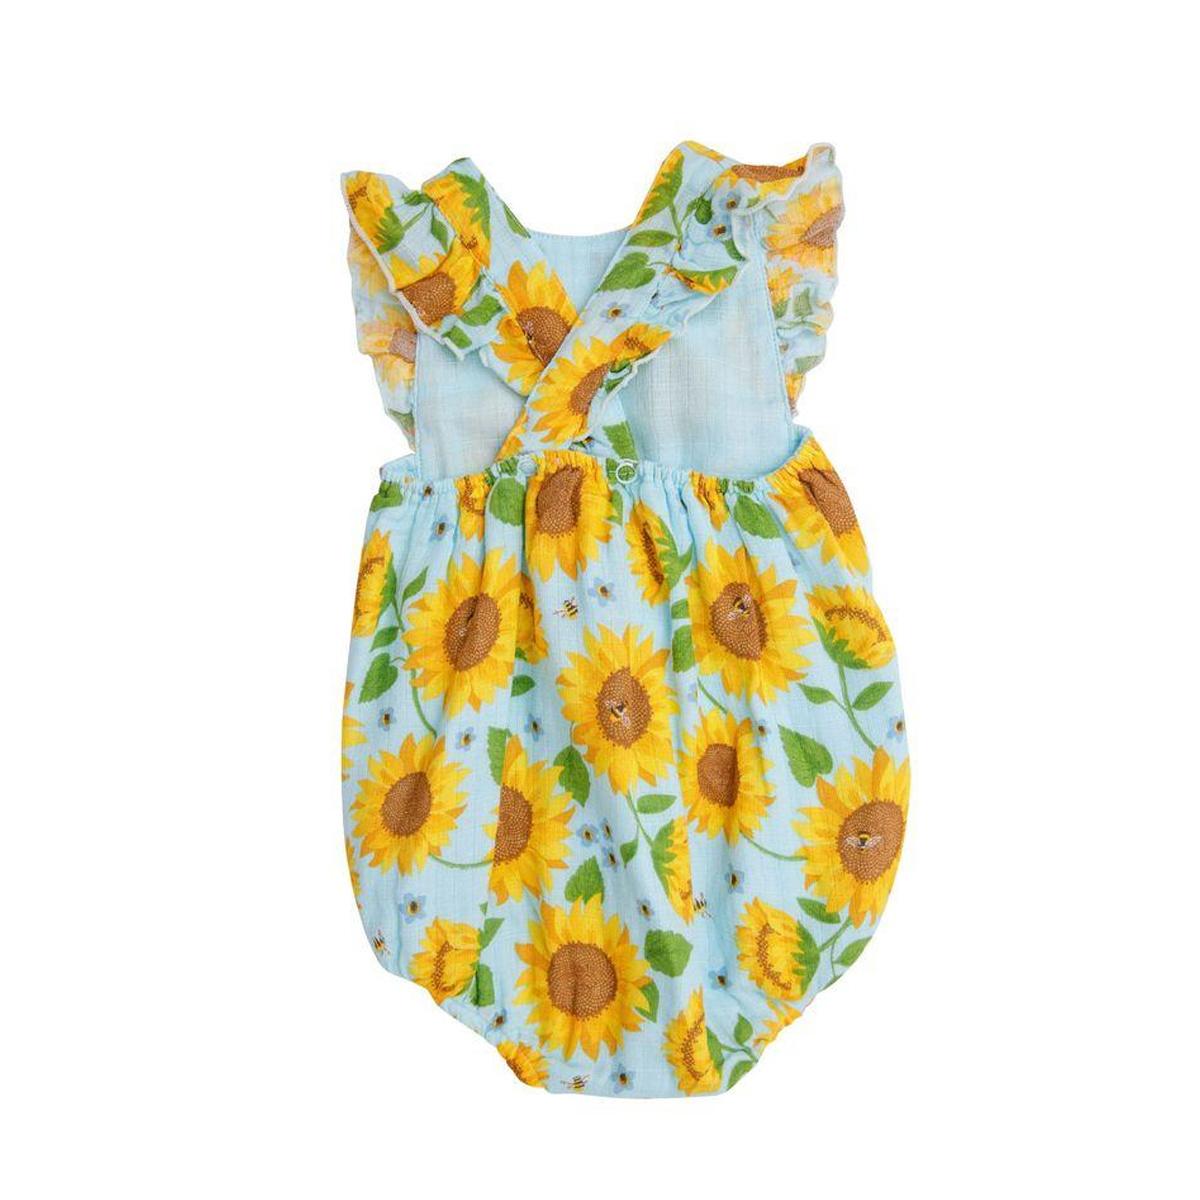 Angel Dear Sunflowers Muslin Sunsuit - Whispering Blue